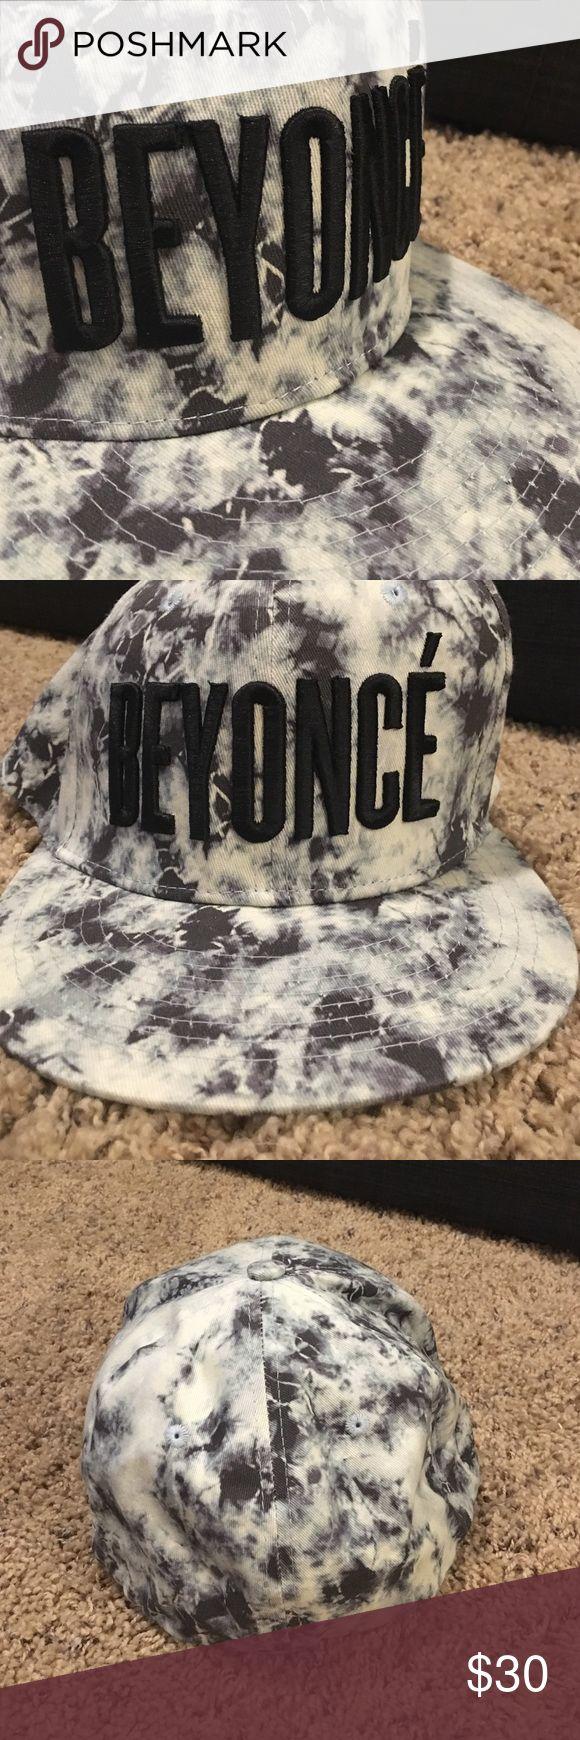 Beyoncé flat bill hat from Beyoncé.com Never worn. NWOT. Official Beyoncé merchandise. Beyoncé Accessories Hats